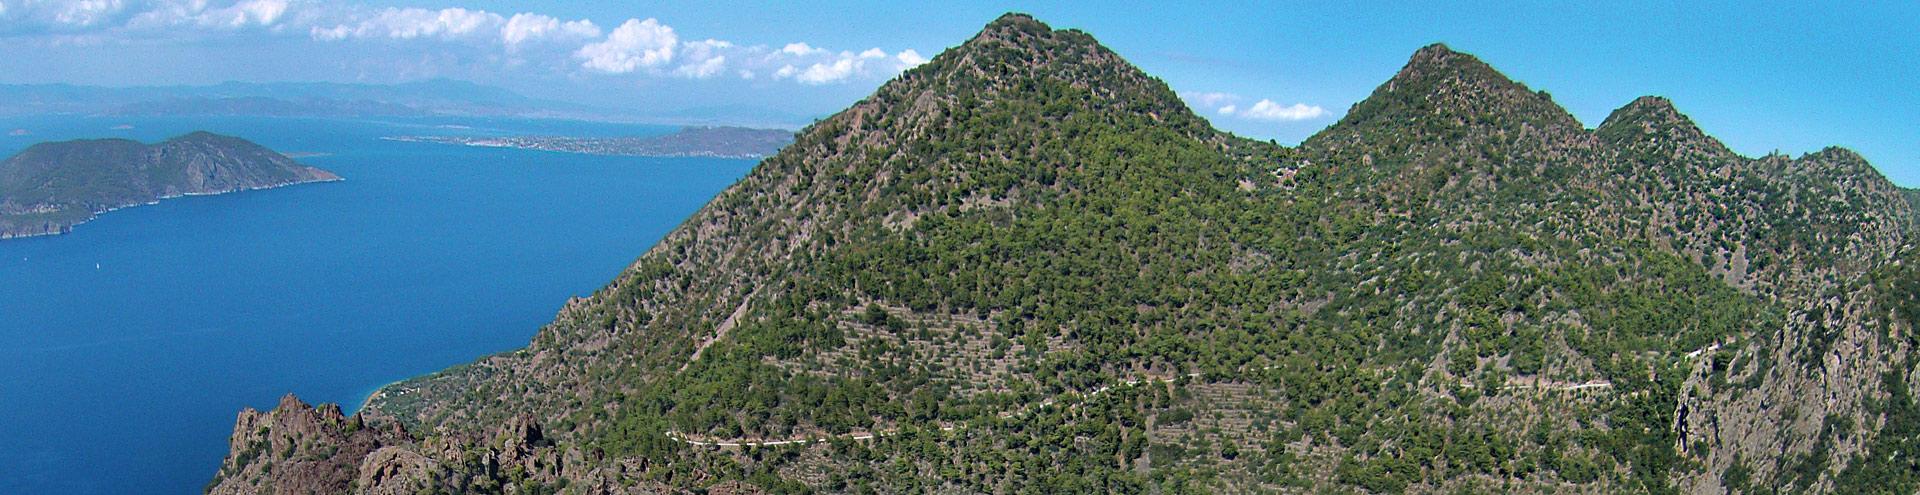 The volcano Malia Gliati